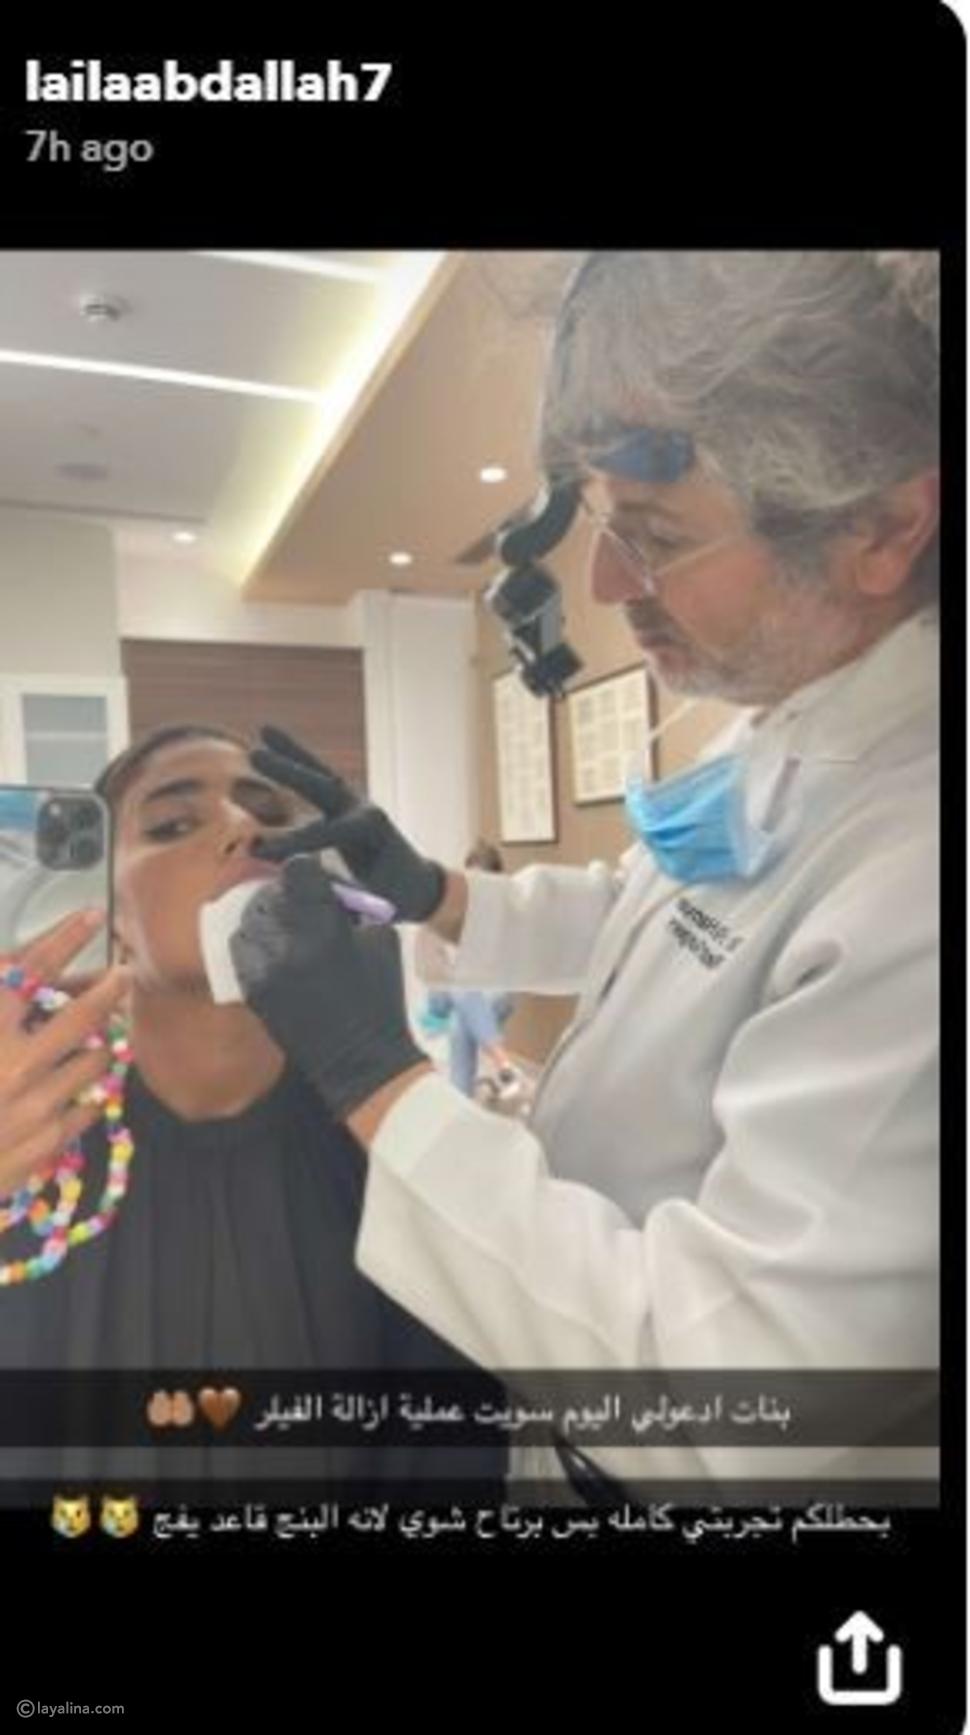 ليلى عبدالله تزيل الفيلر بعد معاناة مع الألم